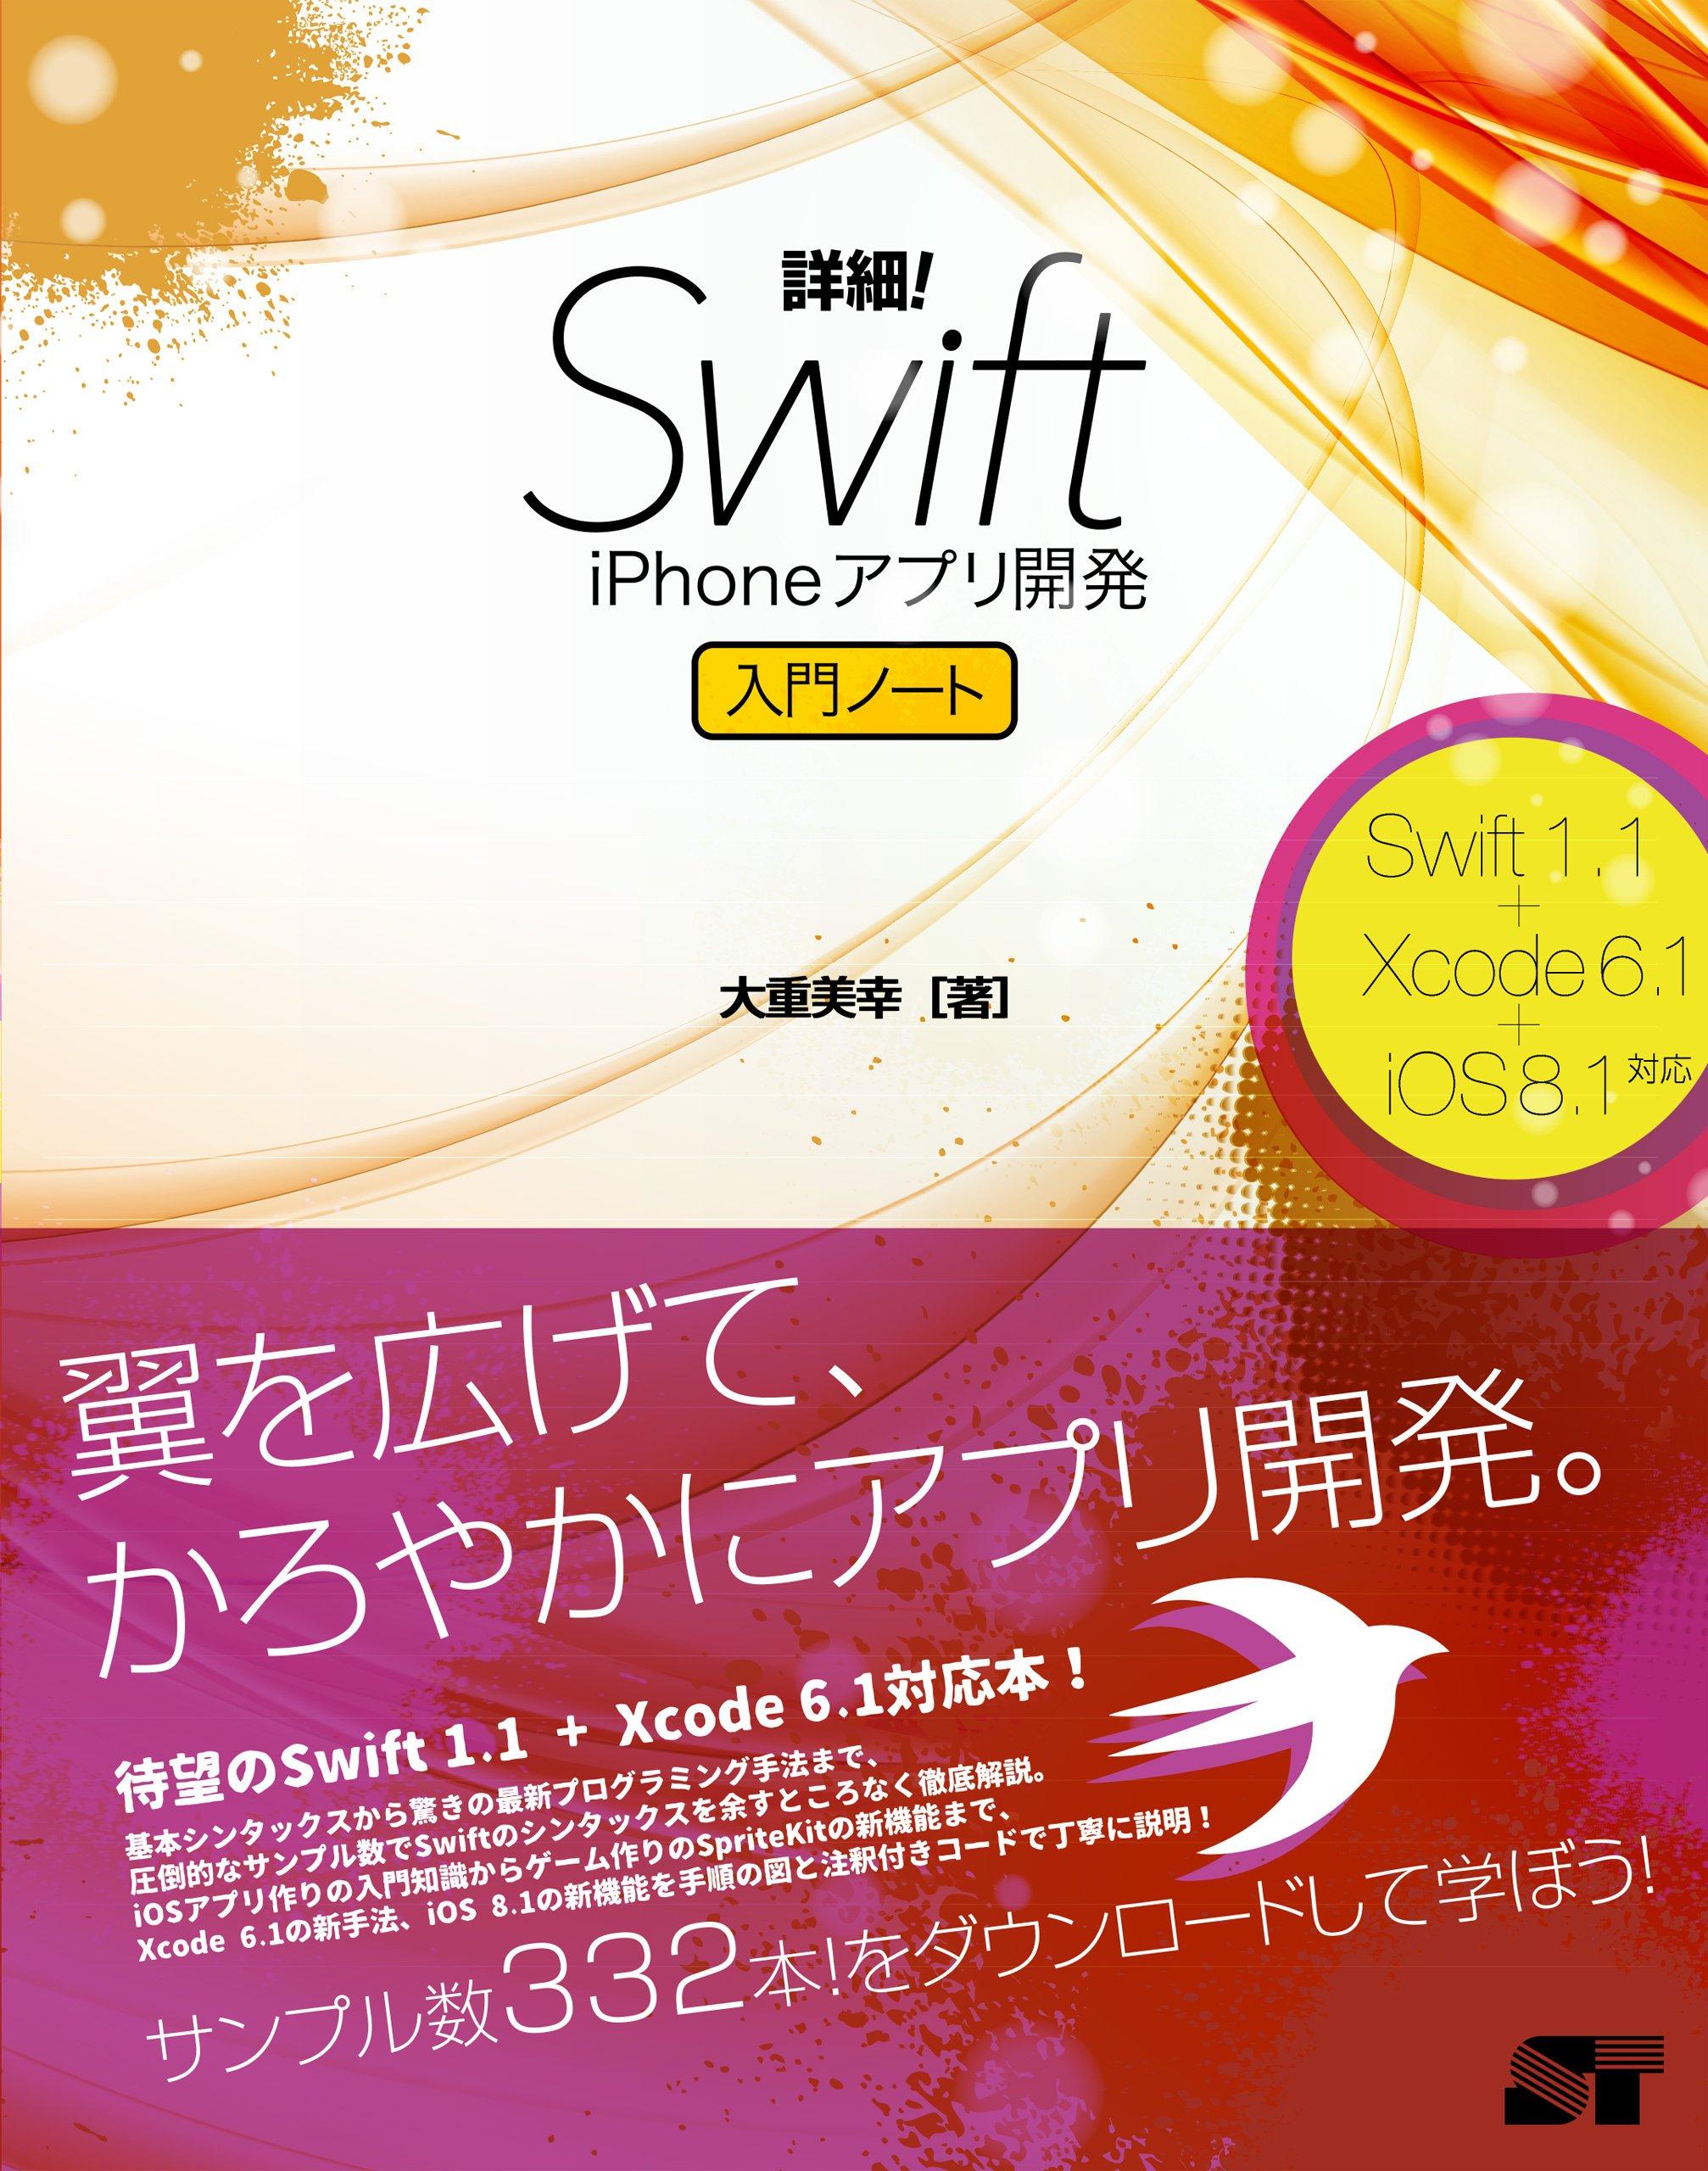 本紹介:大重さんのSwift本、1.1対応で予約開始!→詳細! Swift iPhoneアプリ開発 入門ノート Swift 1.1+Xcode 6.1+iOS 8.1対応